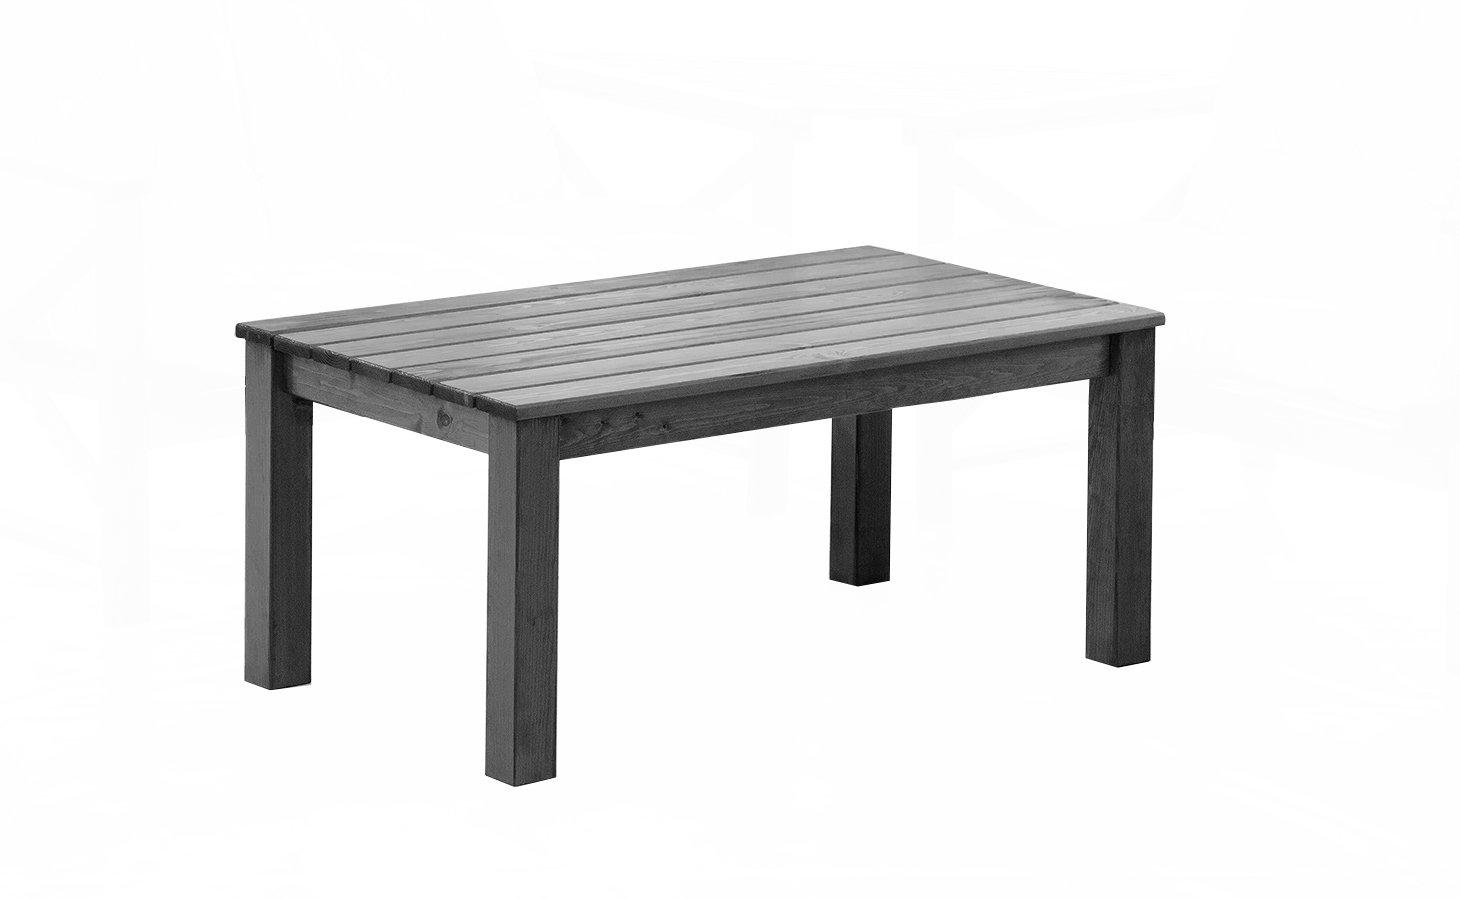 Ambientehome Loungetisch OSLO, 110 x 67 x 50 cm, grau jetzt bestellen